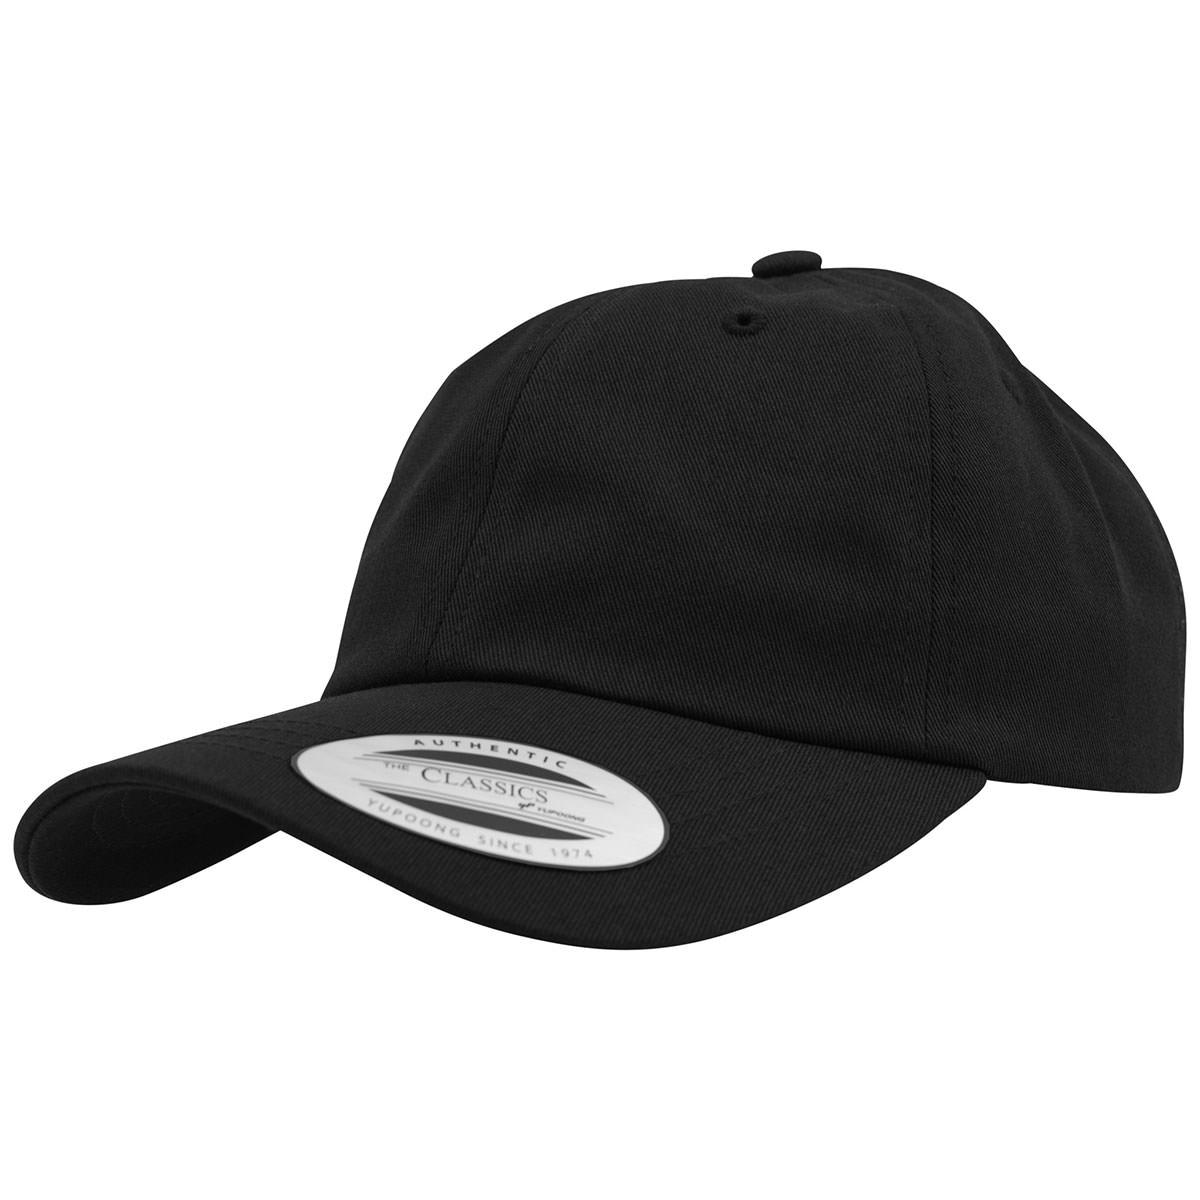 Low Profile Cotton Twill Cap